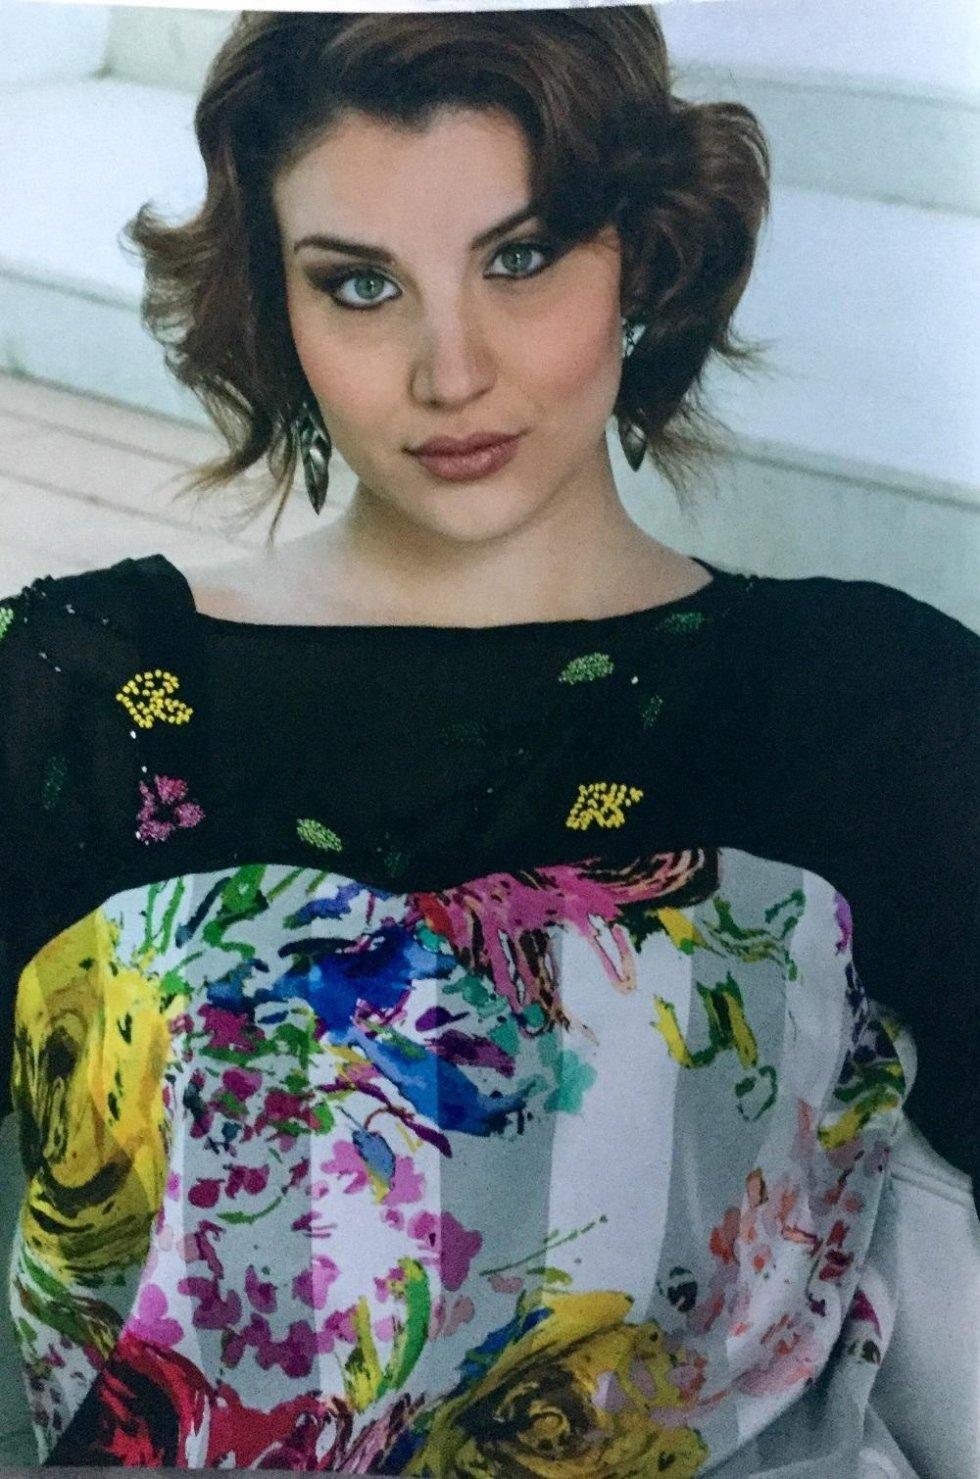 una donna con una camicetta di color nero e bianco con sopra dei colori